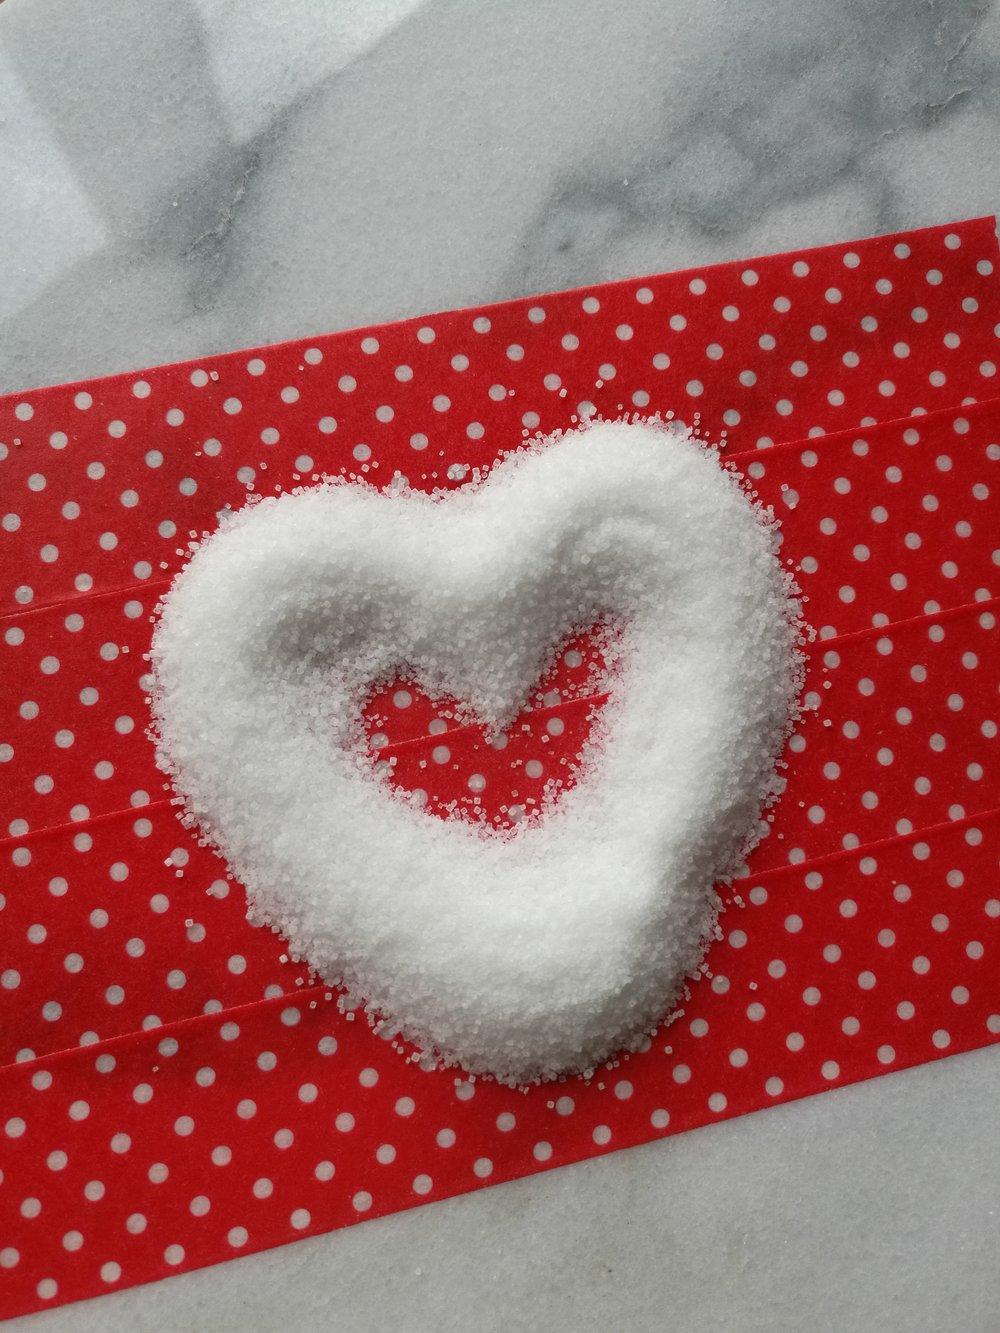 Zucker Herz sugar heart